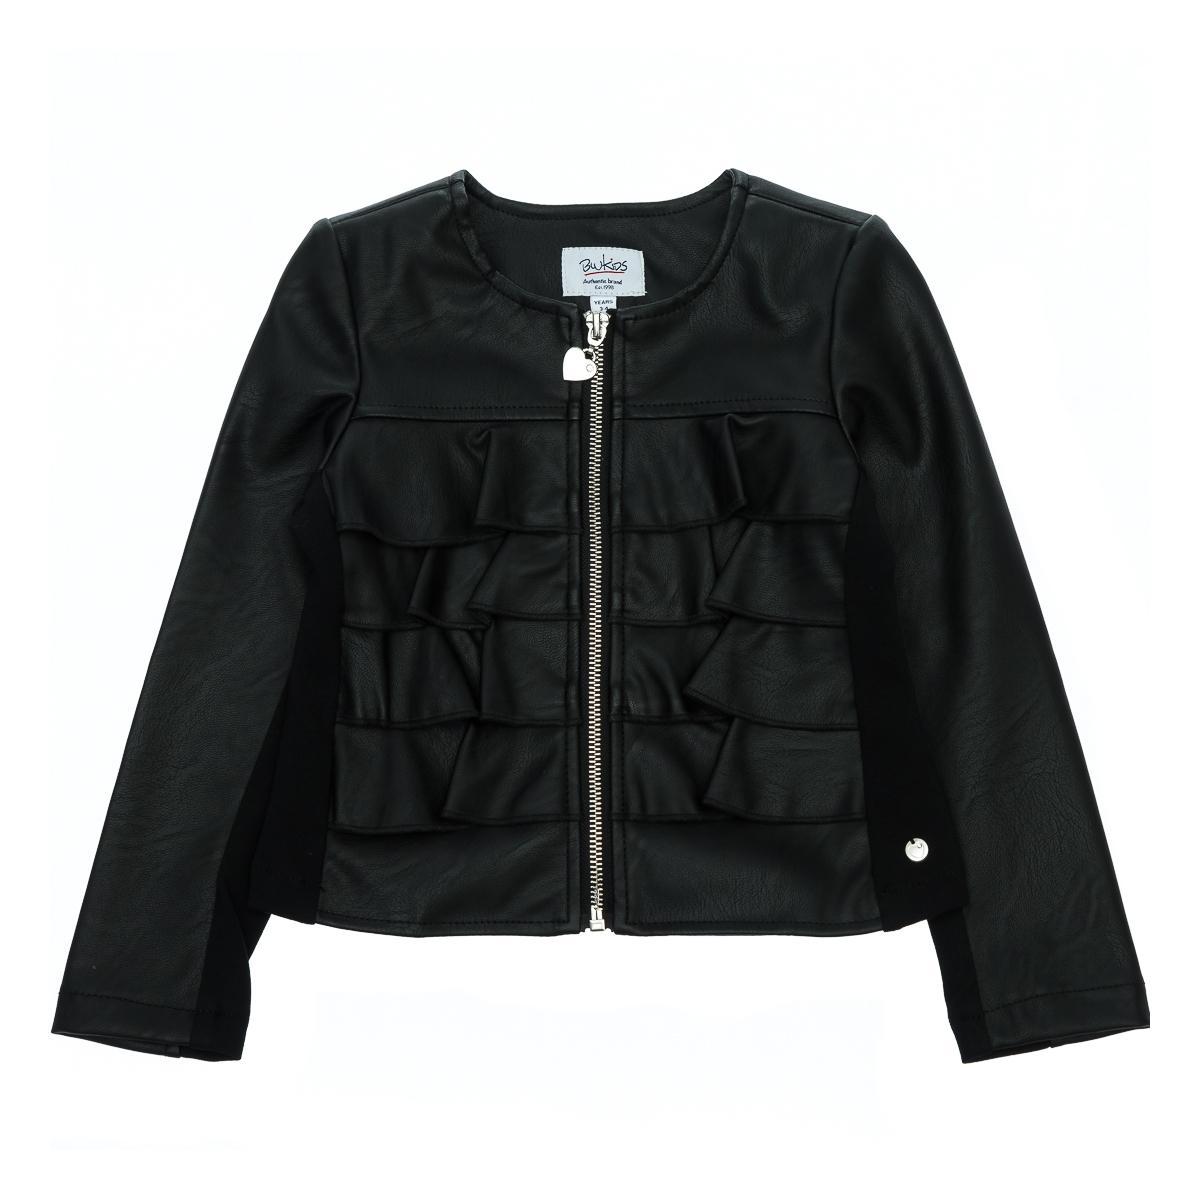 Купить Верхняя одежда, Куртка BluKids Black Heart, р. 110 5559804 ТМ: BluKids, черный